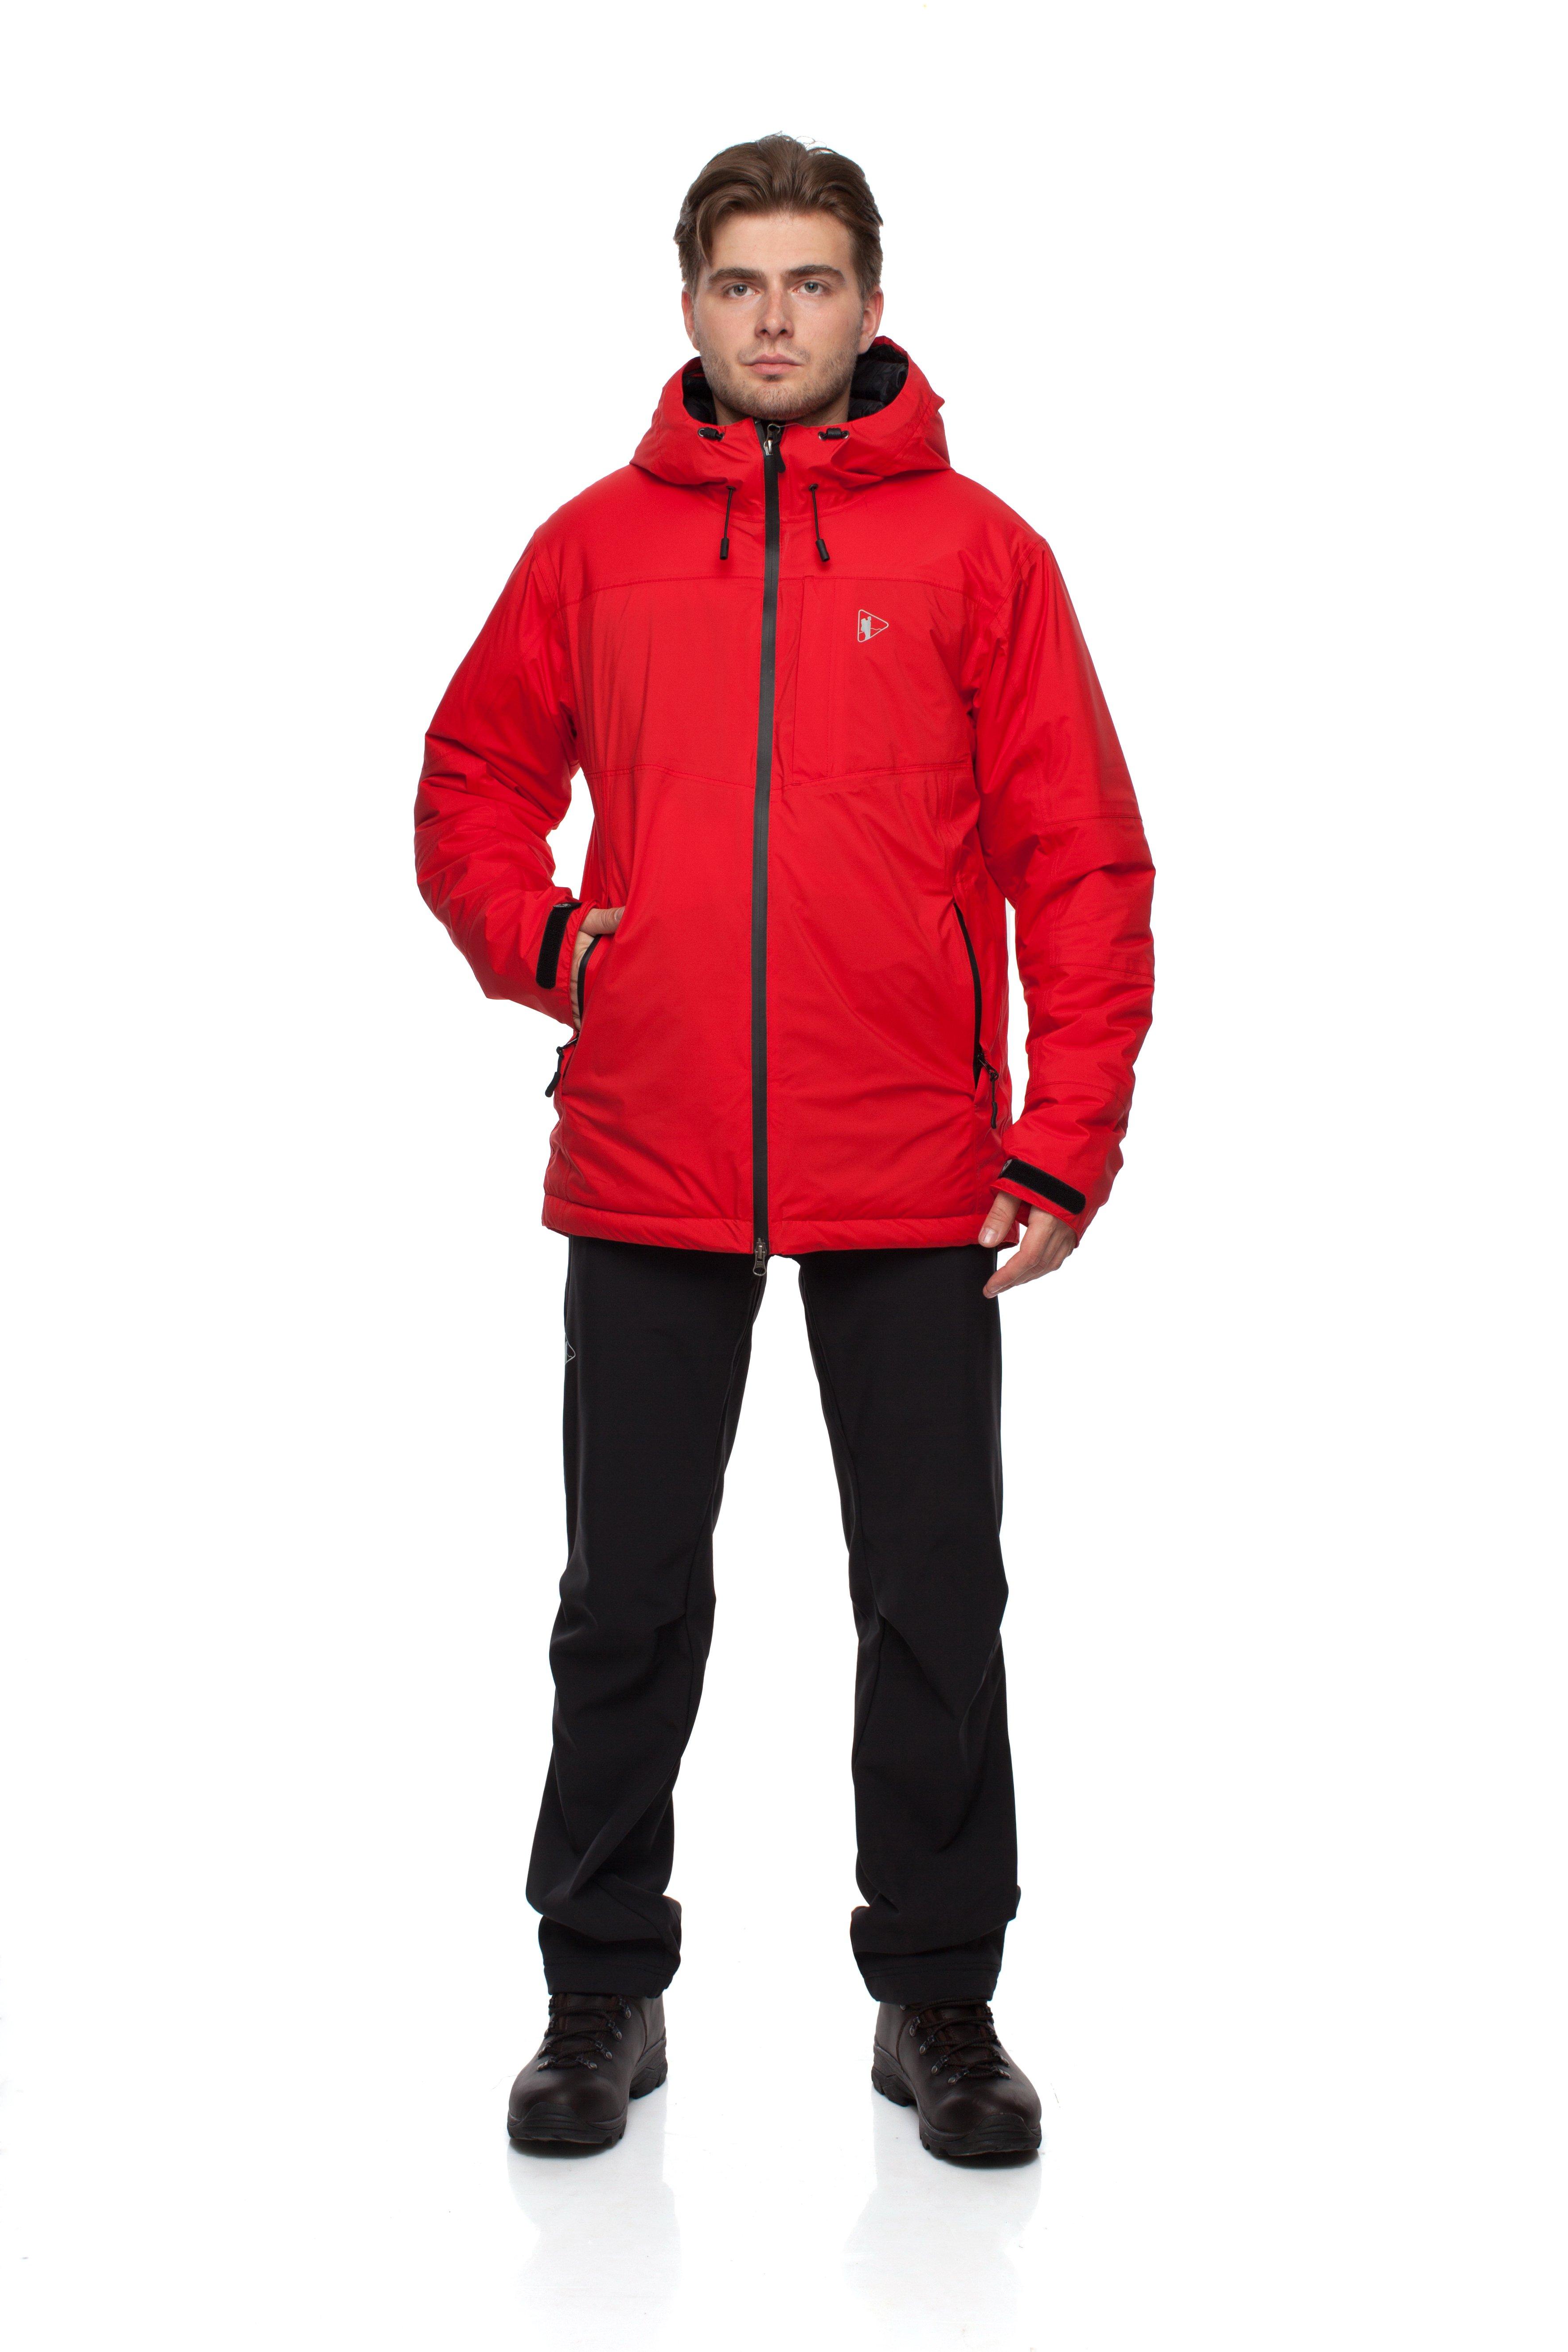 Куртка BASK GILGIT 3794Куртка мужская универсальная с проклеенными швами. Позволяет в силу хороших дышаших свойств мембраны эксплуатировать&amp;nbsp;в условиях повышенной влажности, дожде и мокром снеге.<br><br>Верхняя ткань: Gelanots® 2L<br>Ветро-влагозащитные свойства верхней ткани: Да<br>Ветрозащитная планка: Да<br>Ветрозащитная юбка: Нет<br>Влагозащитные молнии: Да<br>Внутренние манжеты: Нет<br>Внутренняя ткань: Advance® Classic<br>Водонепроницаемость: 20000<br>Дублирующий центральную молнию клапан: Нет<br>Защитный козырёк капюшона: Нет<br>Капюшон: несъемный<br>Карман для средств связи: Нет<br>Количество внешних карманов: 3<br>Количество внутренних карманов: 2<br>Мембрана: Gelanots®<br>Объемный крой локтевой зоны: Да<br>Отстёгивающиеся рукава: Нет<br>Паропроницаемость: 15000<br>Пол: Муж.<br>Проклейка швов: Да<br>Размеры: S - XXL<br>Регулировка манжетов рукавов: Да<br>Регулировка низа: Да<br>Регулировка объёма капюшона: Да<br>Регулировка талии: Да<br>Регулируемые вентиляционные отверстия: Нет<br>Световозвращающая лента: Нет<br>Температурный режим: -15<br>Технология Thermal Welding: Нет<br>Технология швов: проклеены<br>Тип молнии: двухзамковая влагозащитная<br>Тип утеплителя: синтетический<br>Ткань усиления: нет<br>Усиление контактных зон: Нет<br>Утеплитель: Shelter®Sport<br>Размер INT: S<br>Цвет: КРАСНЫЙ